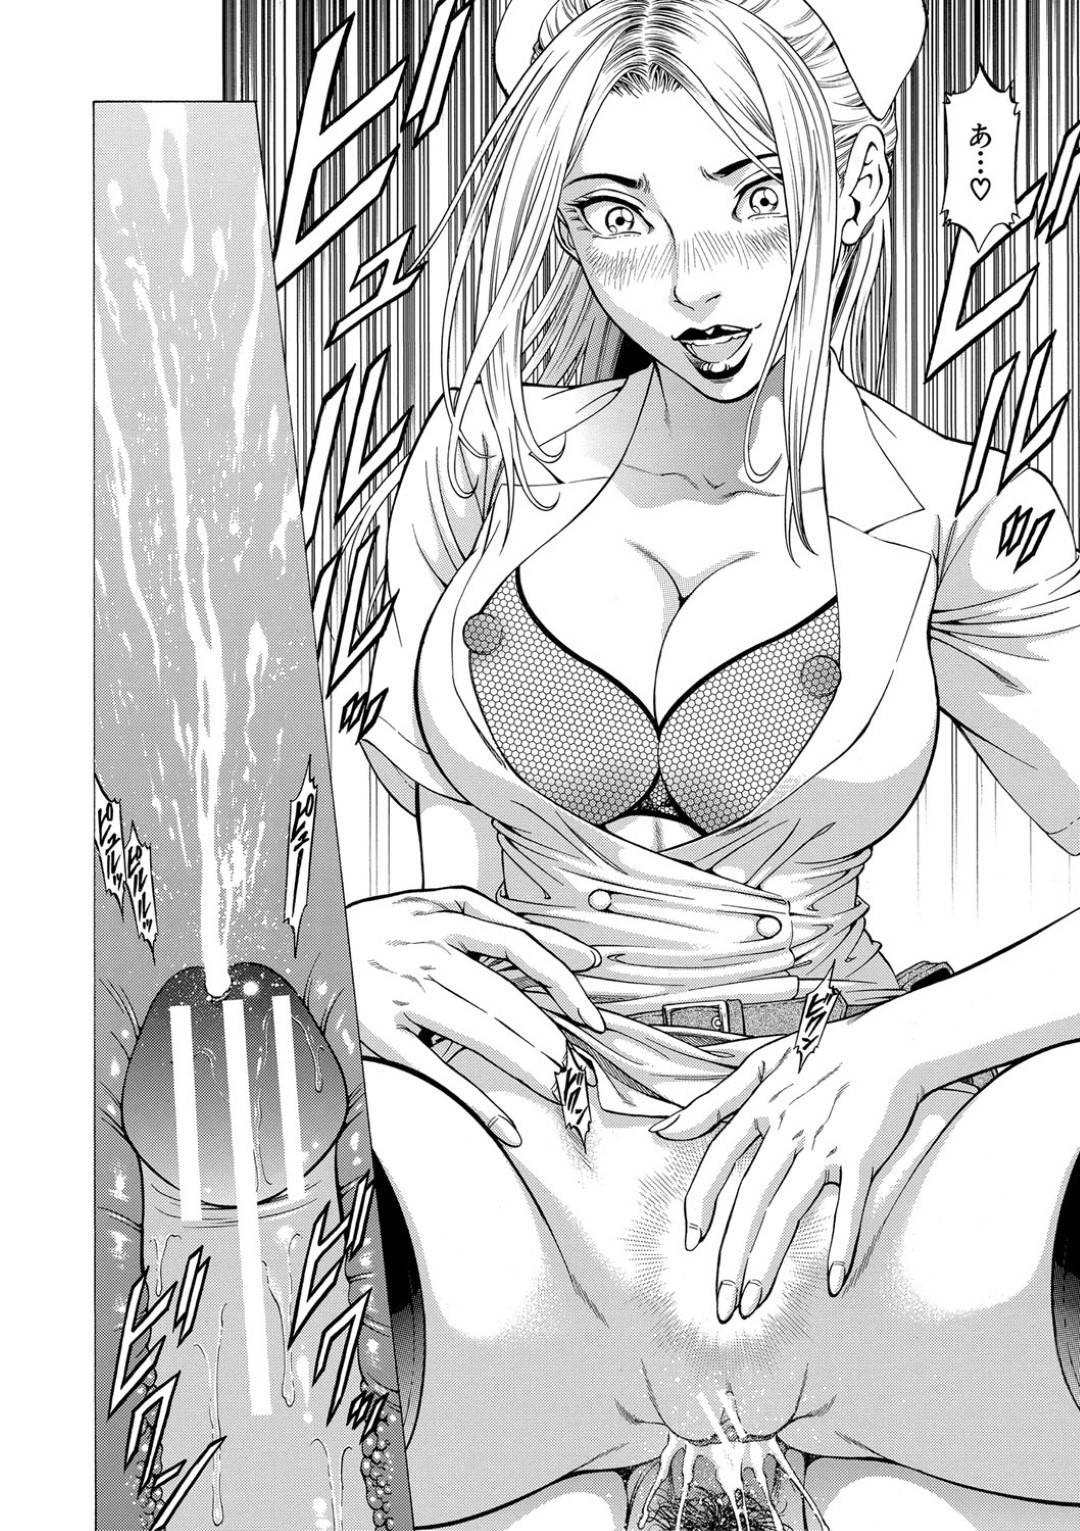 【エロ漫画】青年を捕らえて逆レイプする女幹部。彼女は抵抗できない彼に手コキやフェラ、騎乗位セックスなどで強制射精させて恥辱を味わせる。